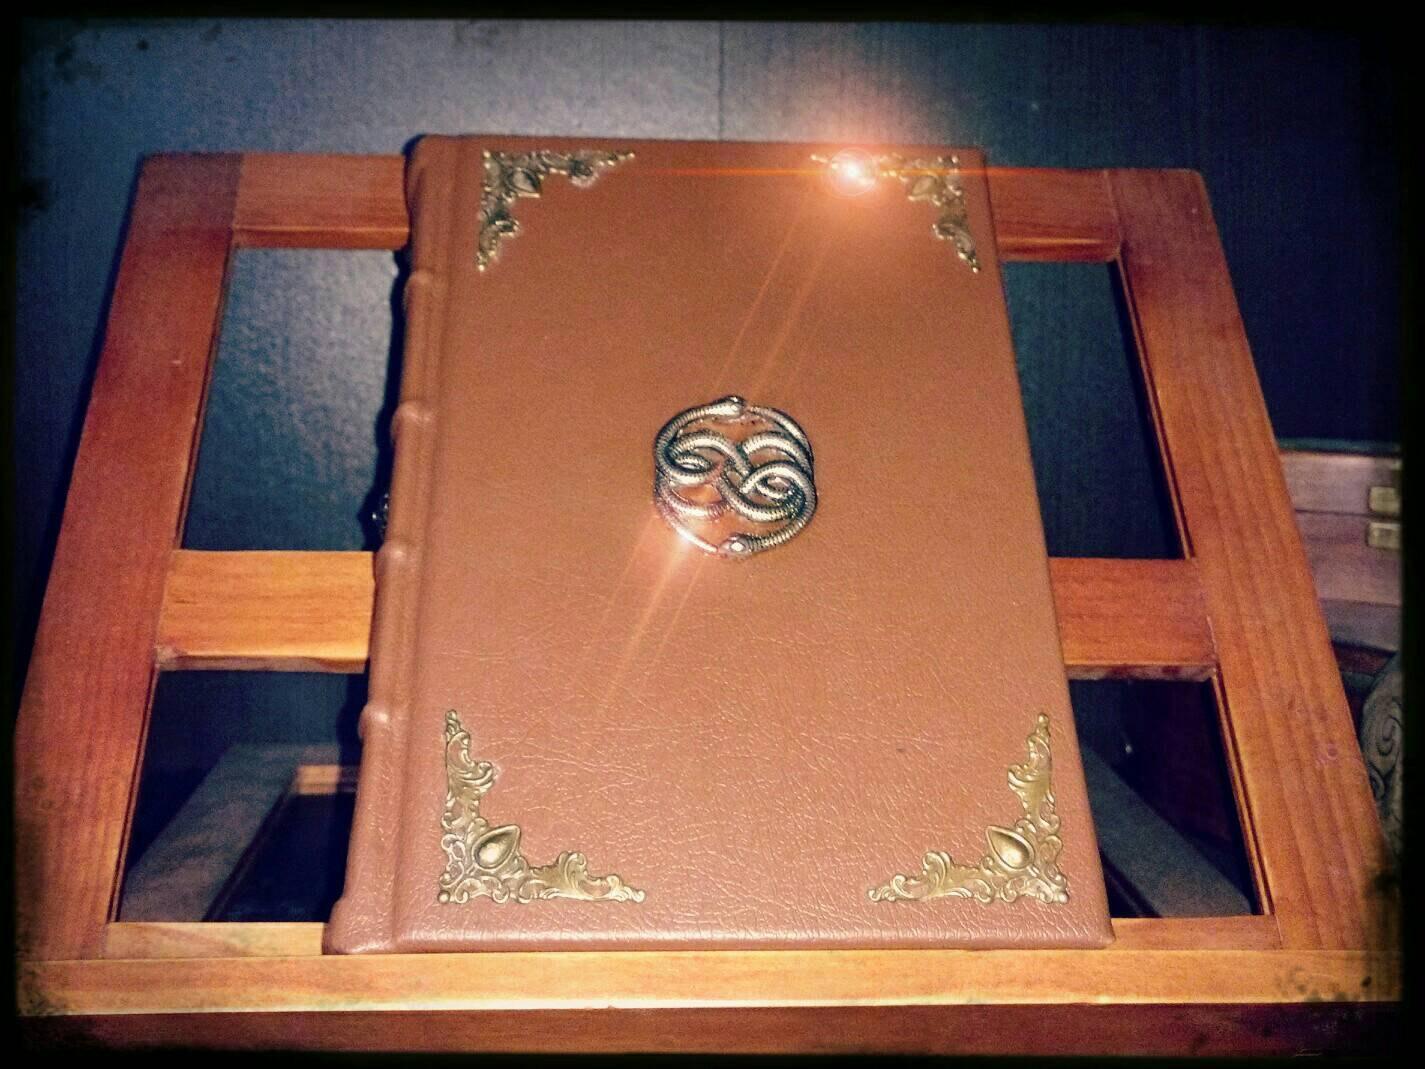 La Storia Infinita, il libro fatto a mano